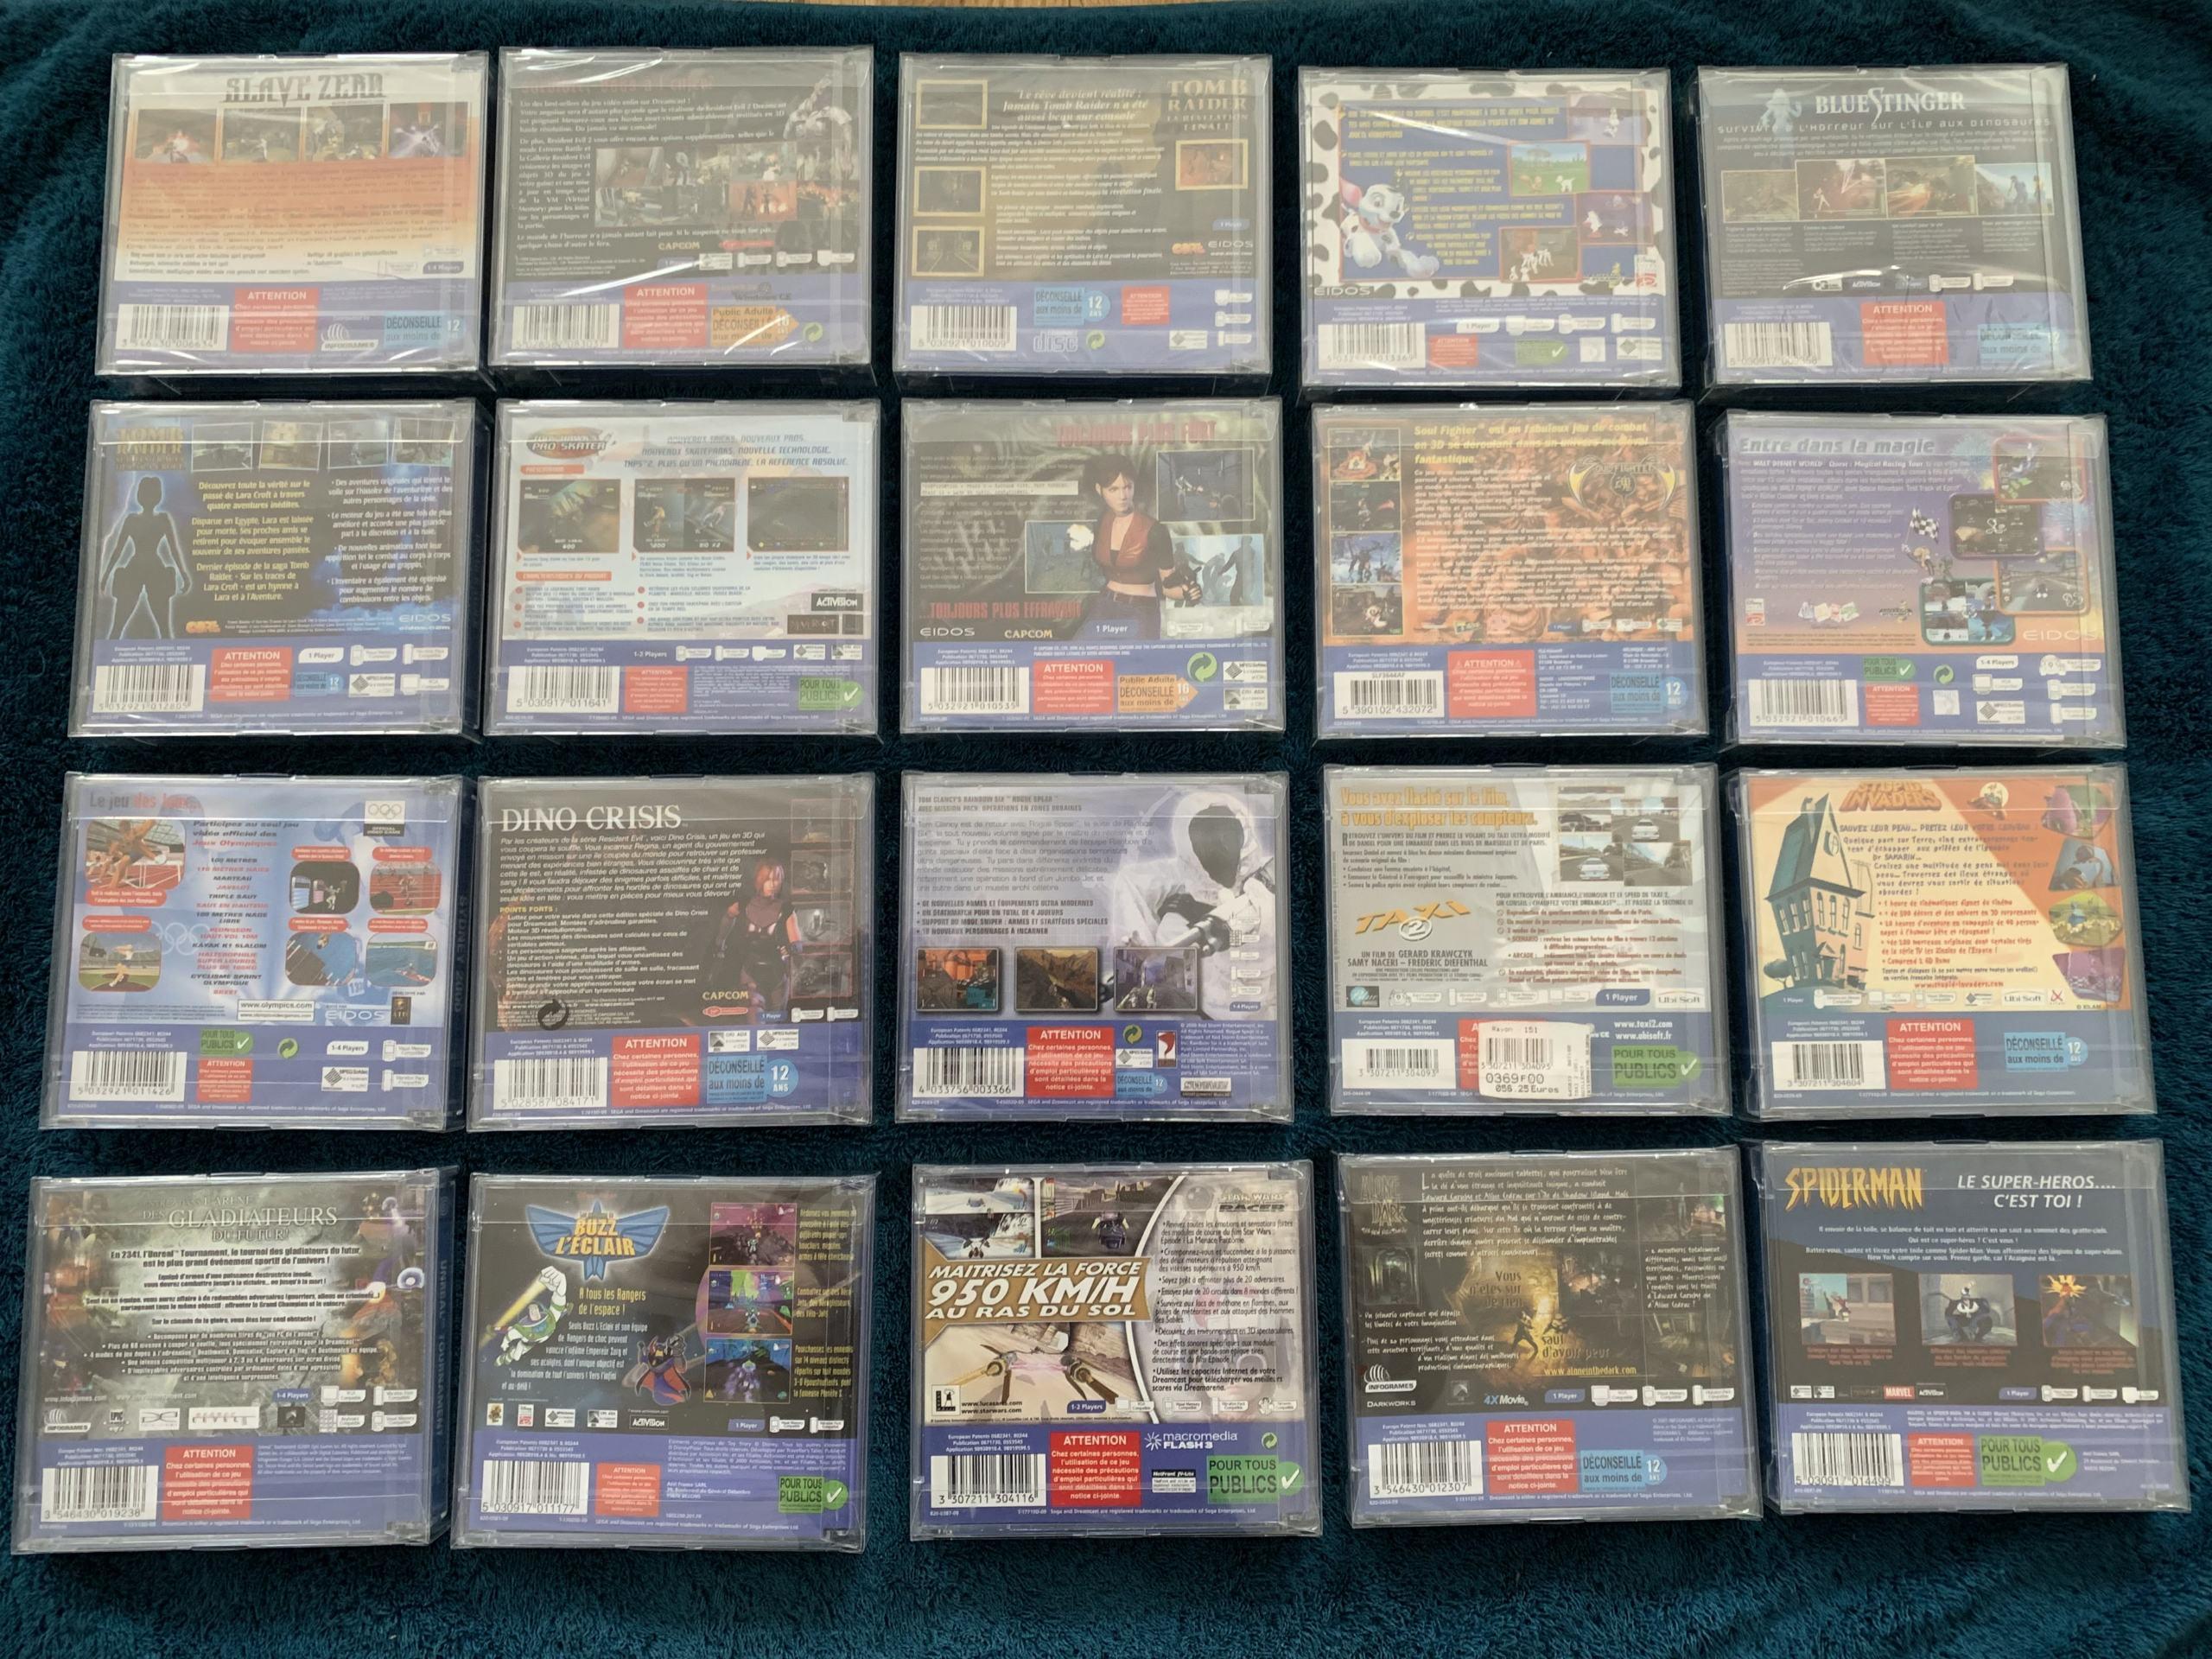 [VENDU] Fullset Jeux Dreamcast, Accessoires, Promo, Rigides... - 350 pièces - NEUF SOUS BLISTER 018_fu10